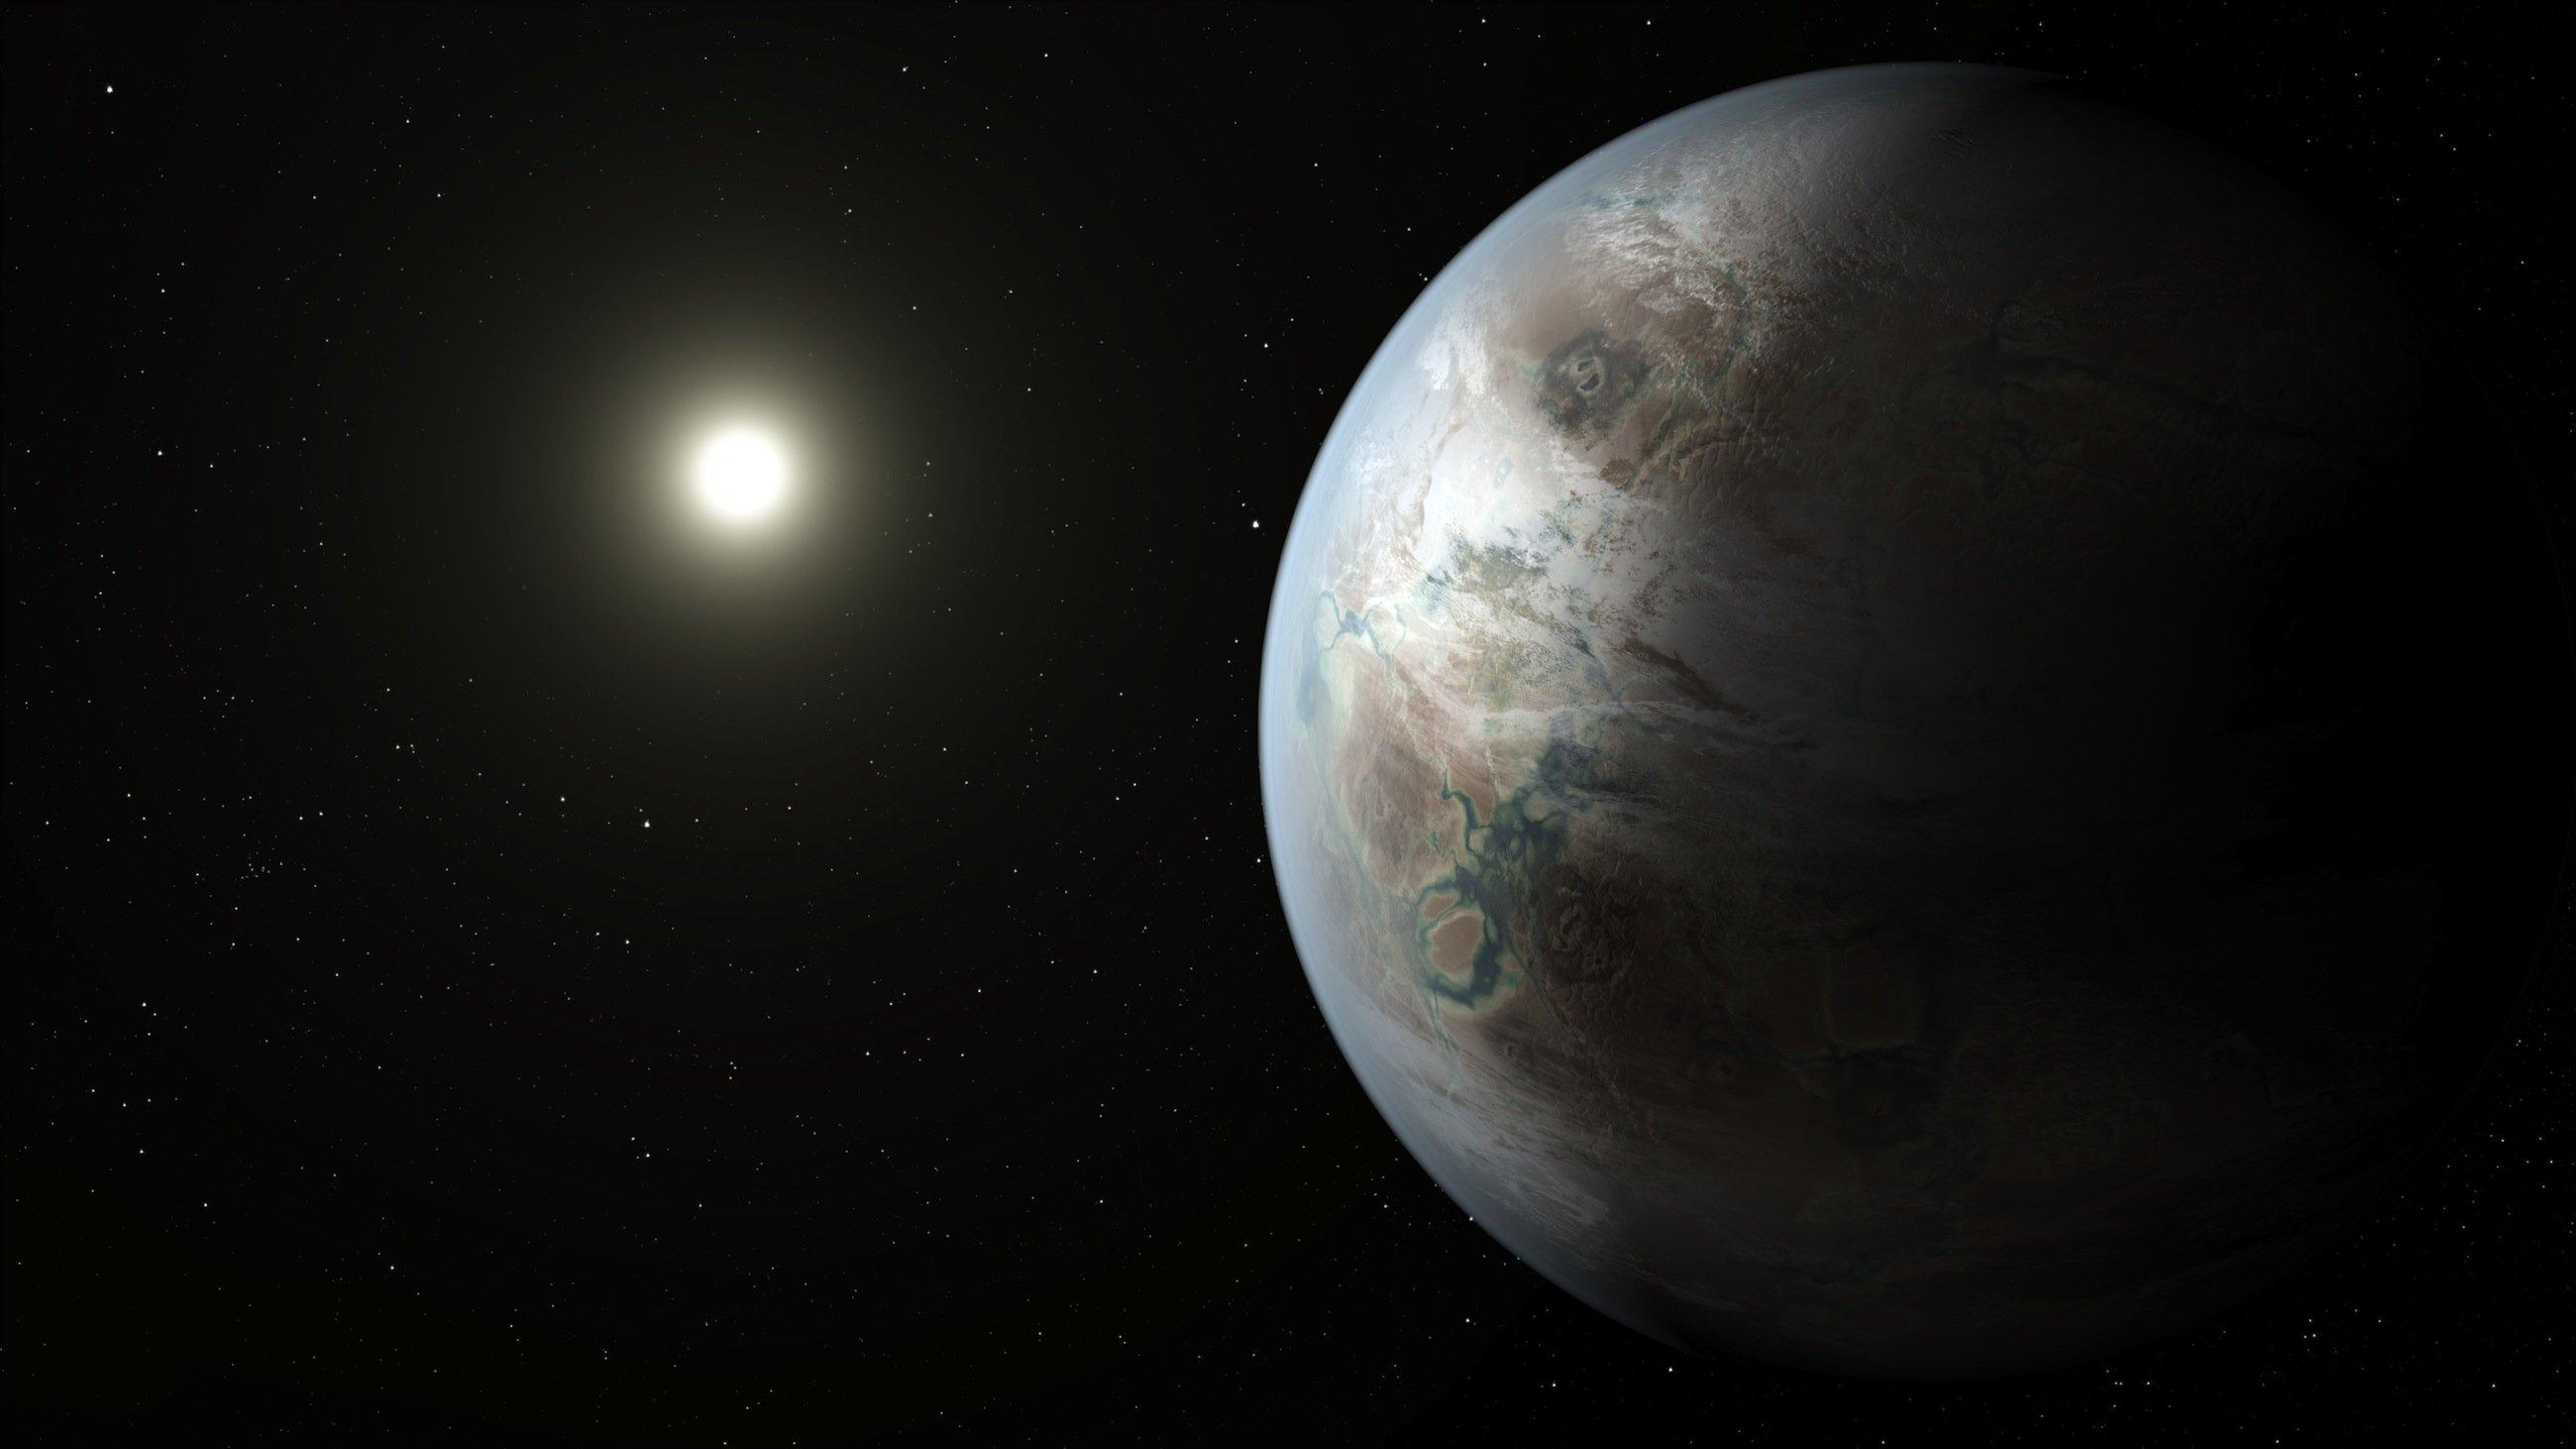 Der neu entdeckte PlanetKepler 452-b ist der Erde so ähnlich wie kein anderer bekannter Planet. Auf ihm könnte es sogar flüssiges Wasser und Pflanzen geben. Das Klima könnte mit dem auf der Erde vergleichbar sein.